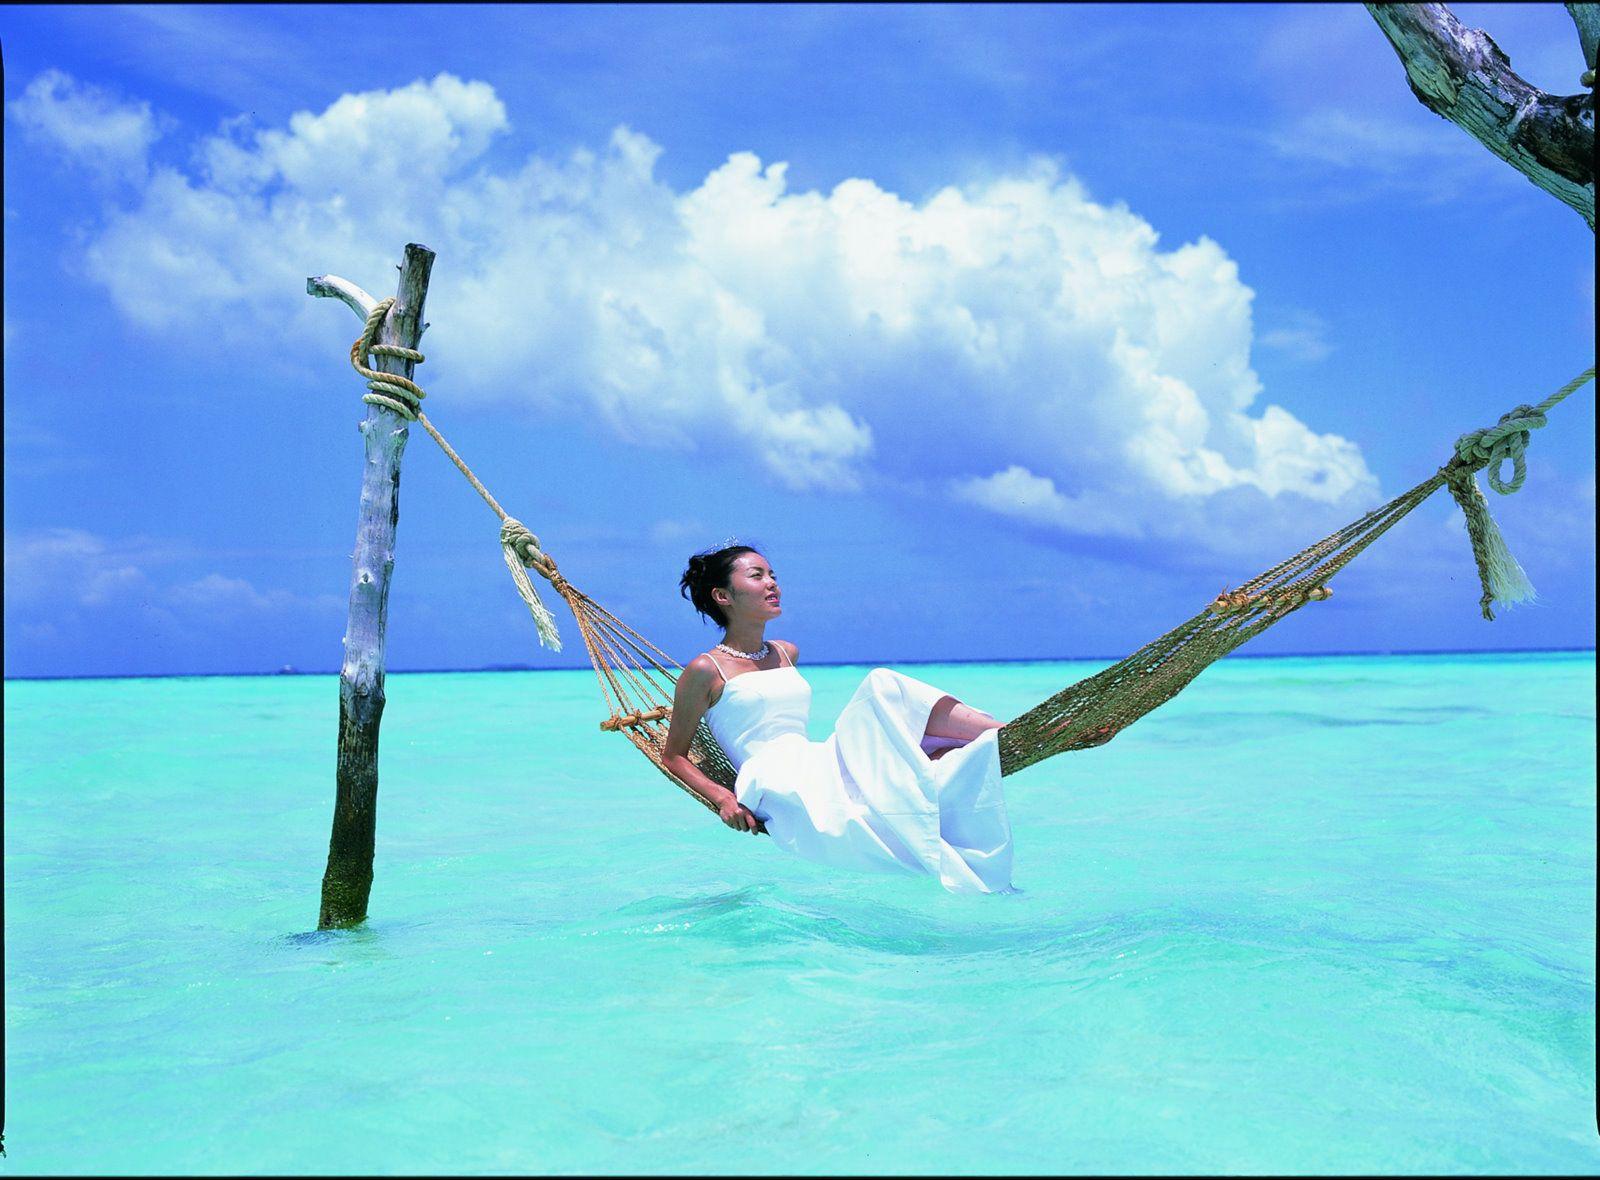 جزر المالديف Maldives Maldives Resort Maldives Island Maldives